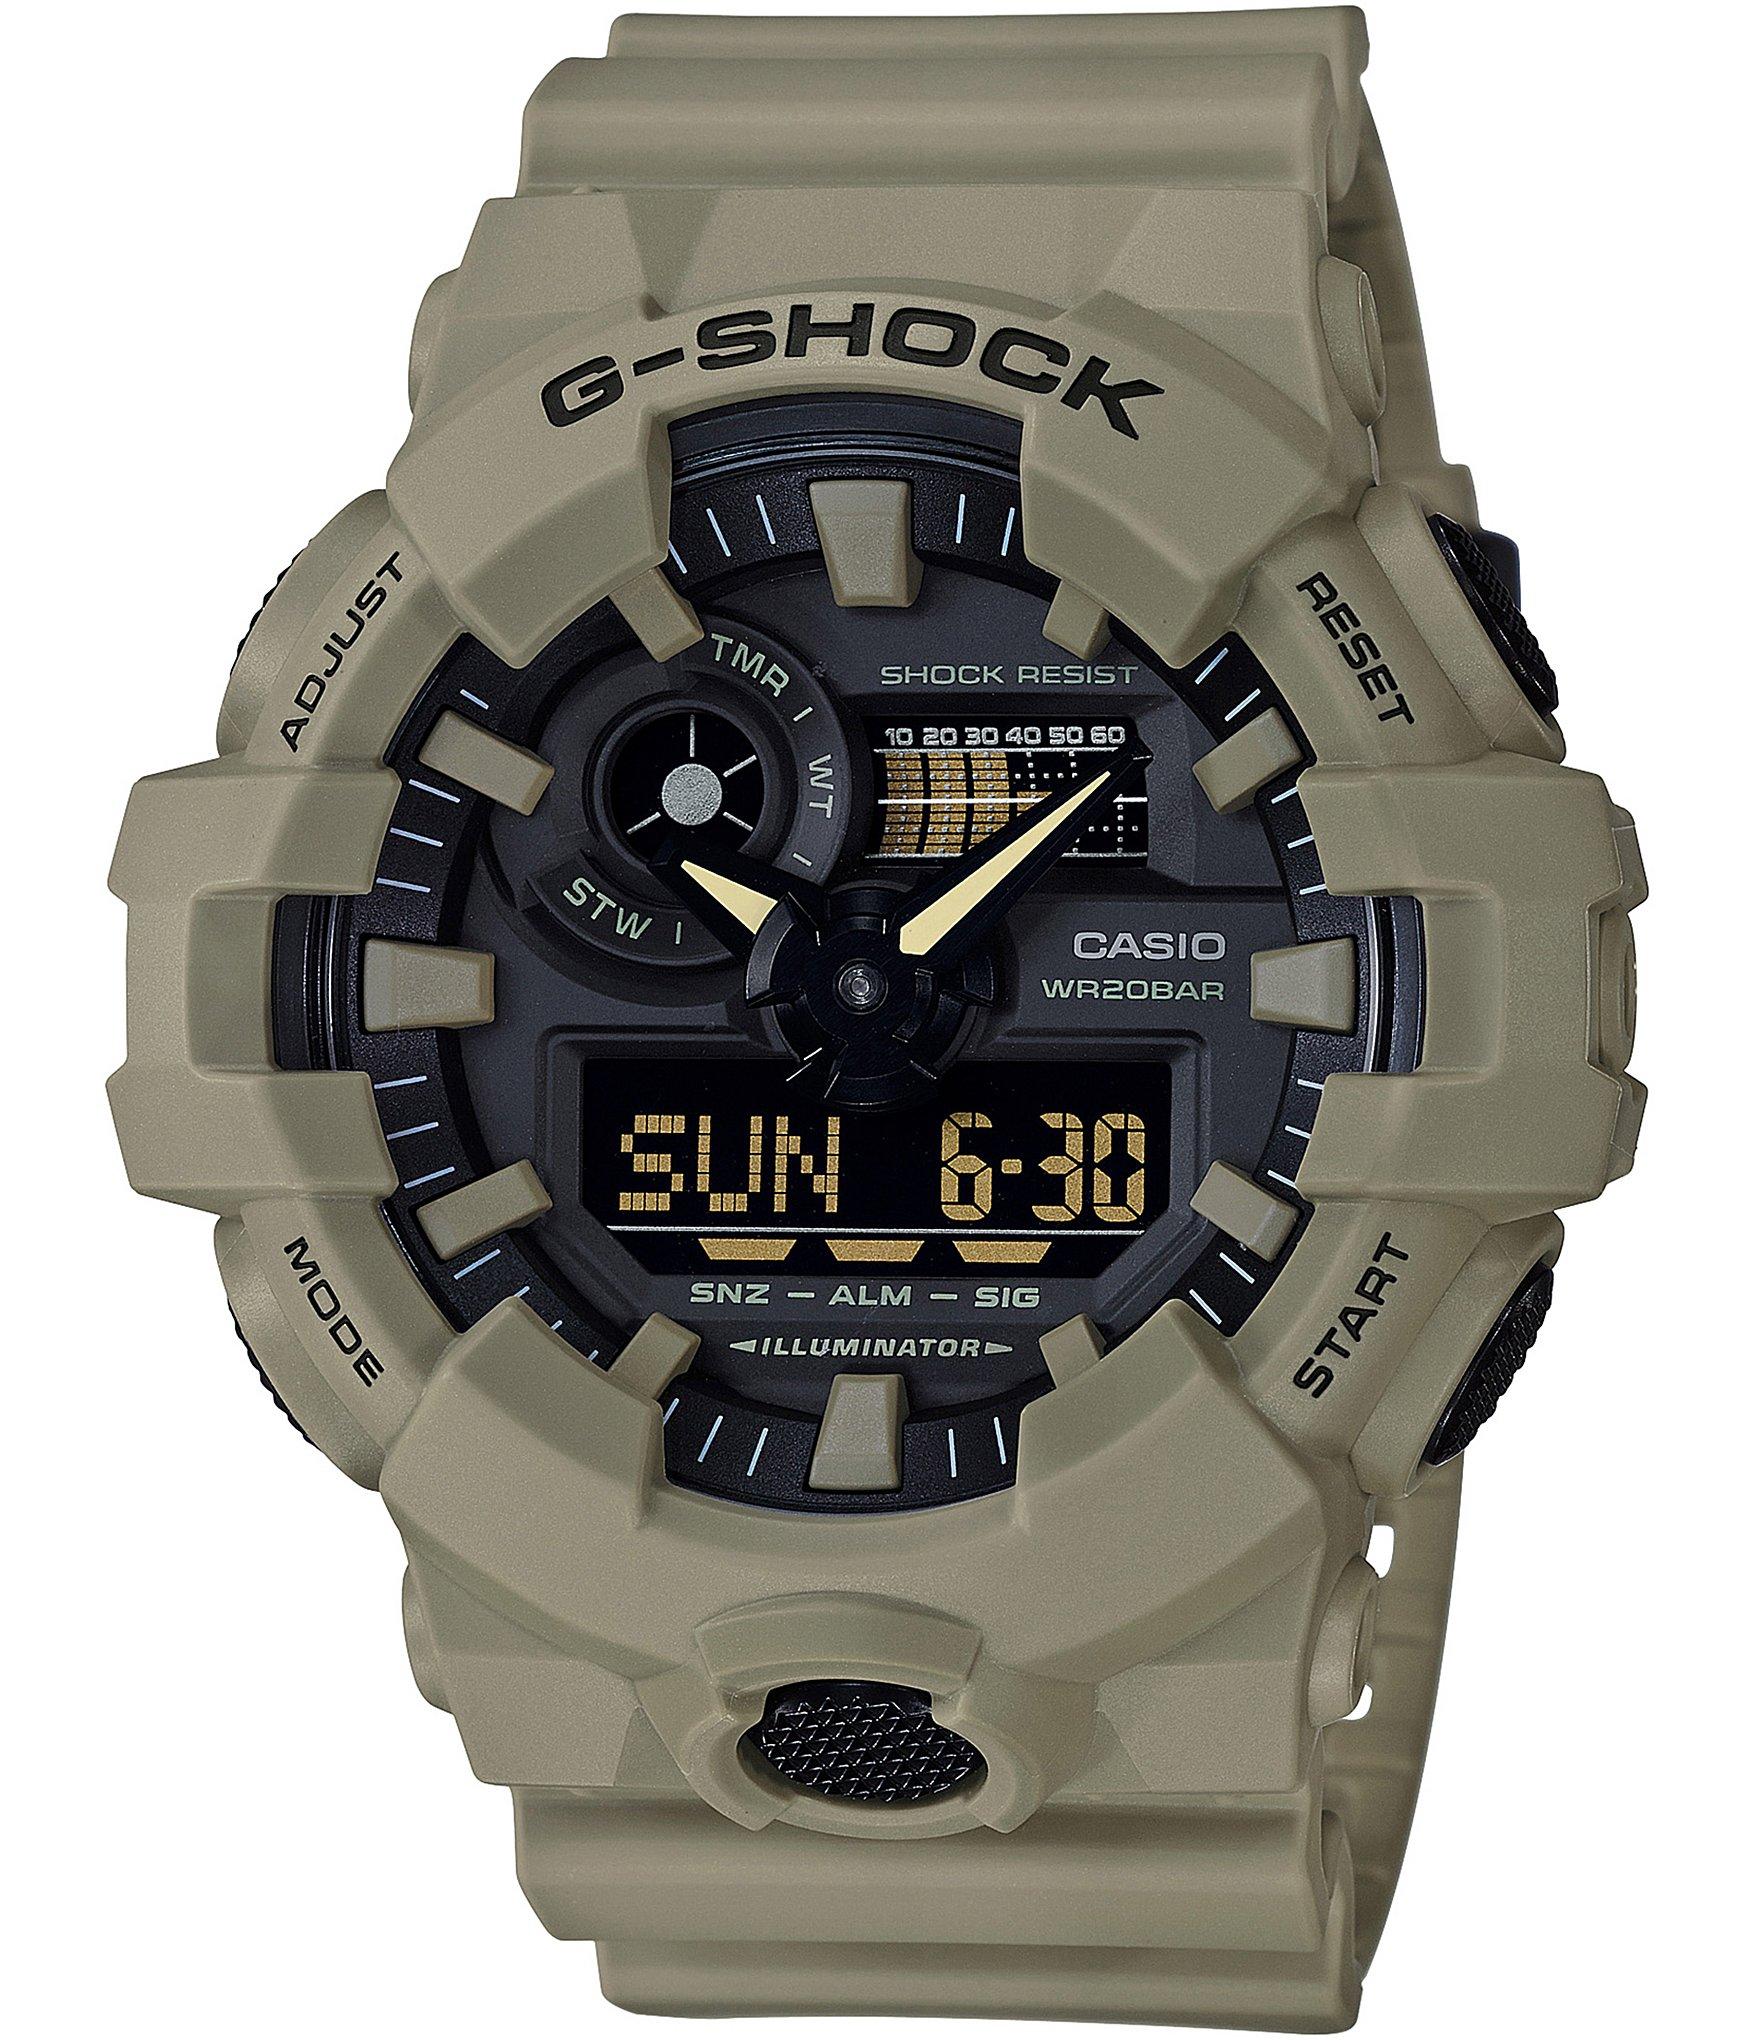 2ff3feef4286 G-Shock Ana-Digi Resin-Strap Watch